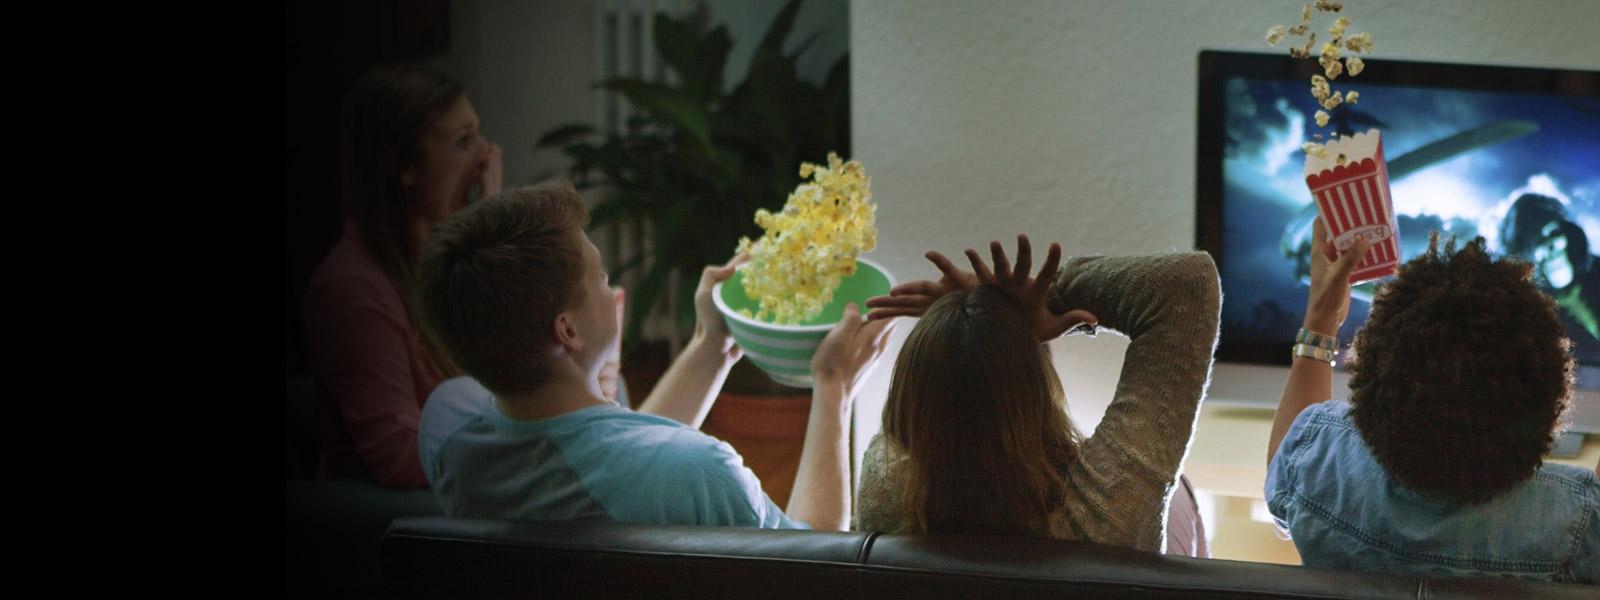 Personen auf Couch sitzend und Film anschauend